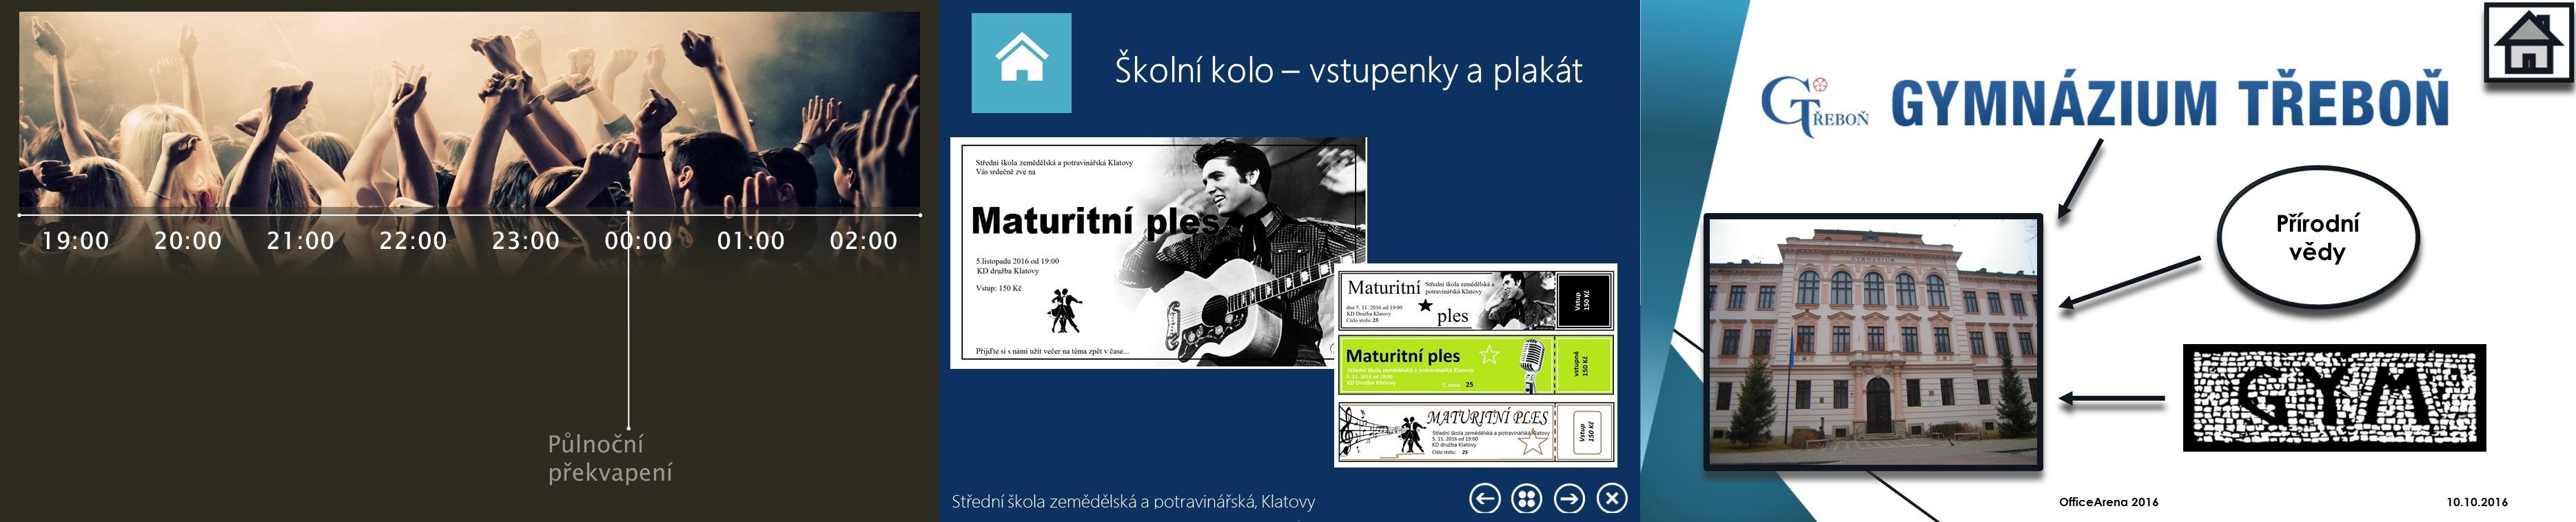 stredni_skoly